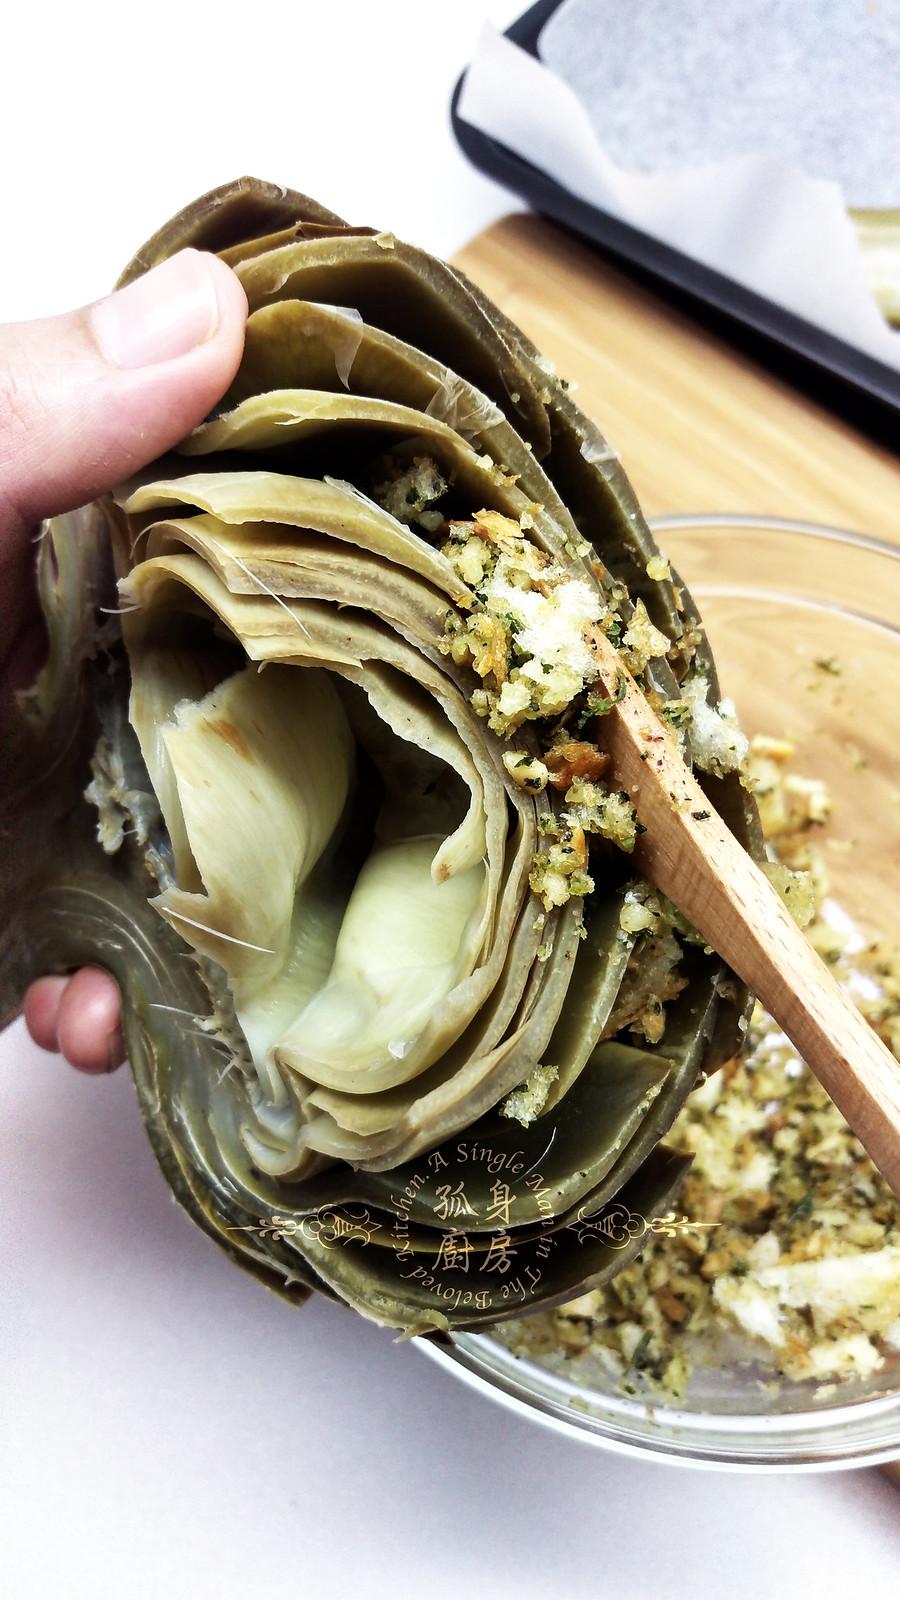 孤身廚房-青醬帕瑪森起司鑲烤朝鮮薊佐簡易油醋蘿蔓沙拉15